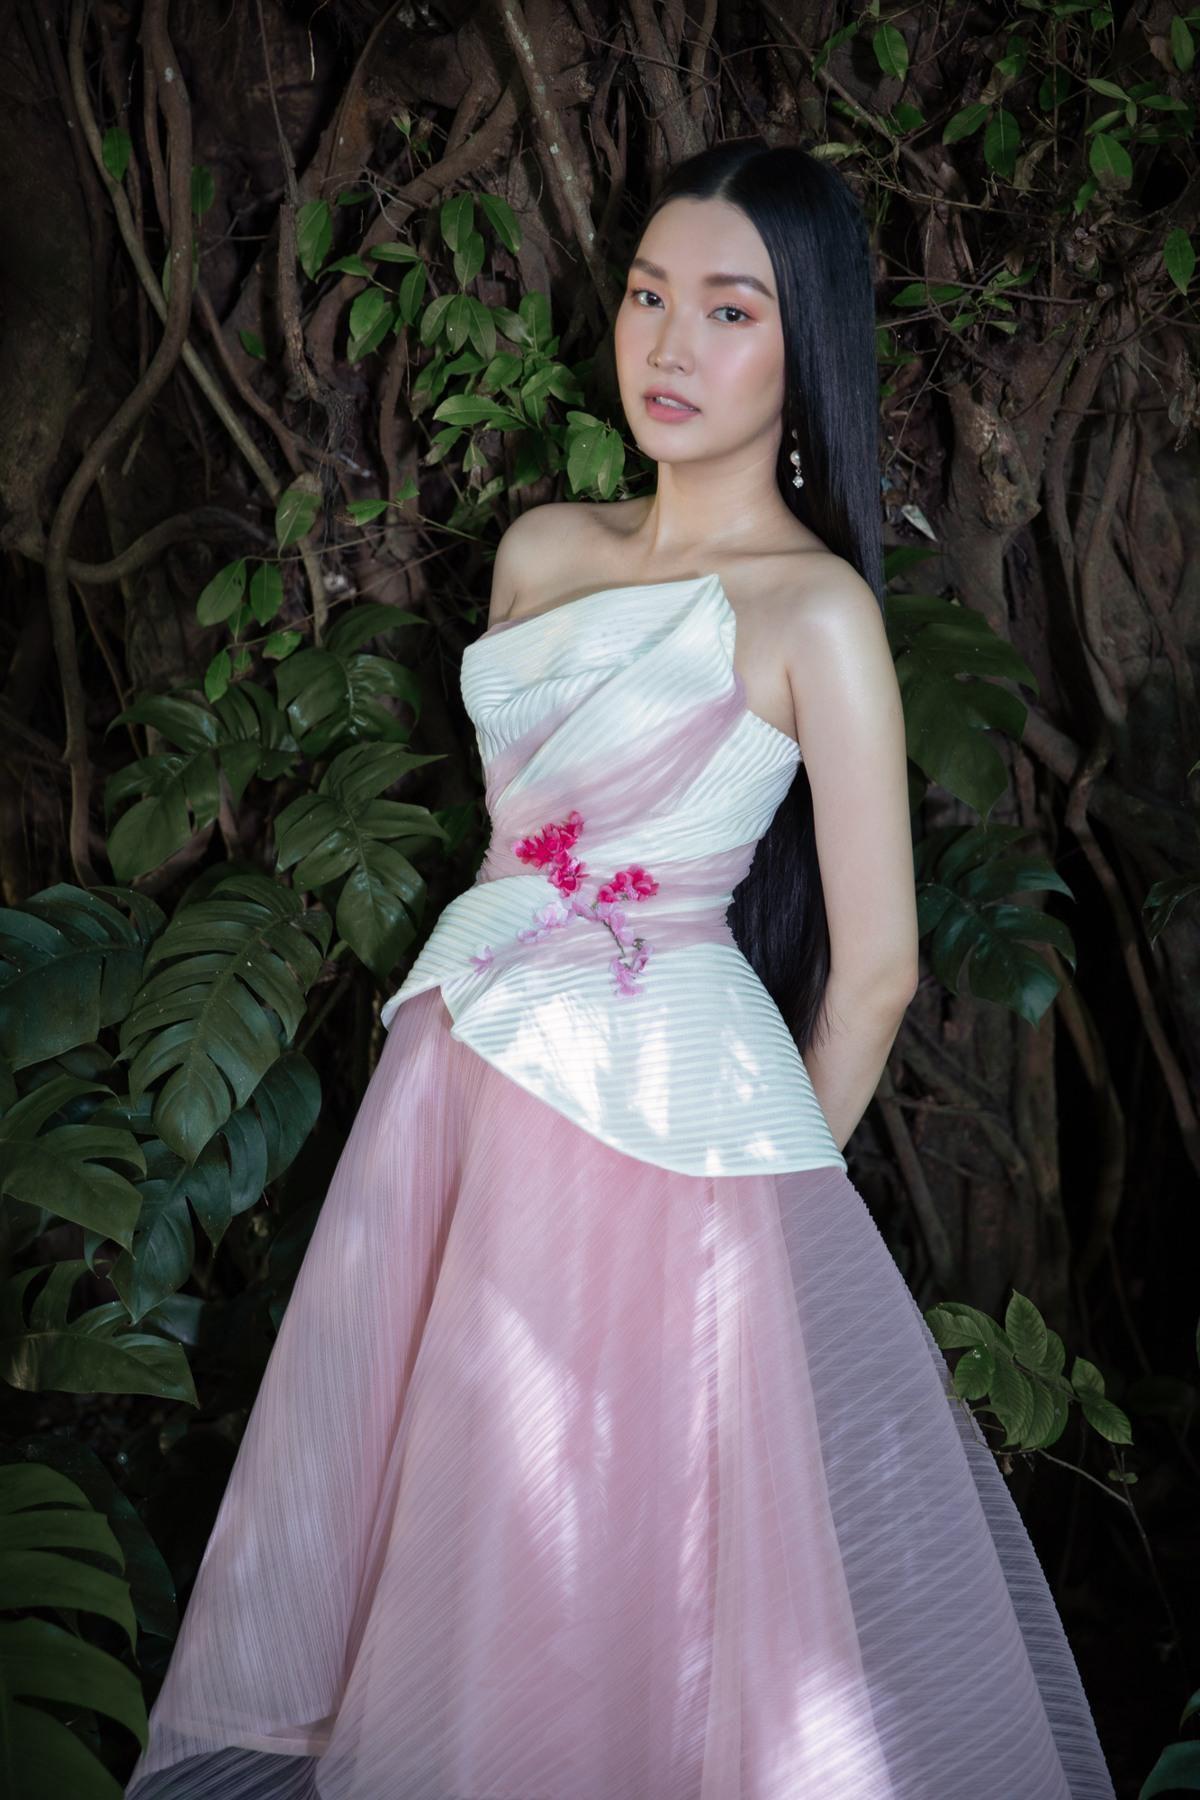 'Nàng thơ xứ Huế' Ngọc Trân cuốn hút với nét mơ màng trong loạt váy áo e ấp Ảnh 11